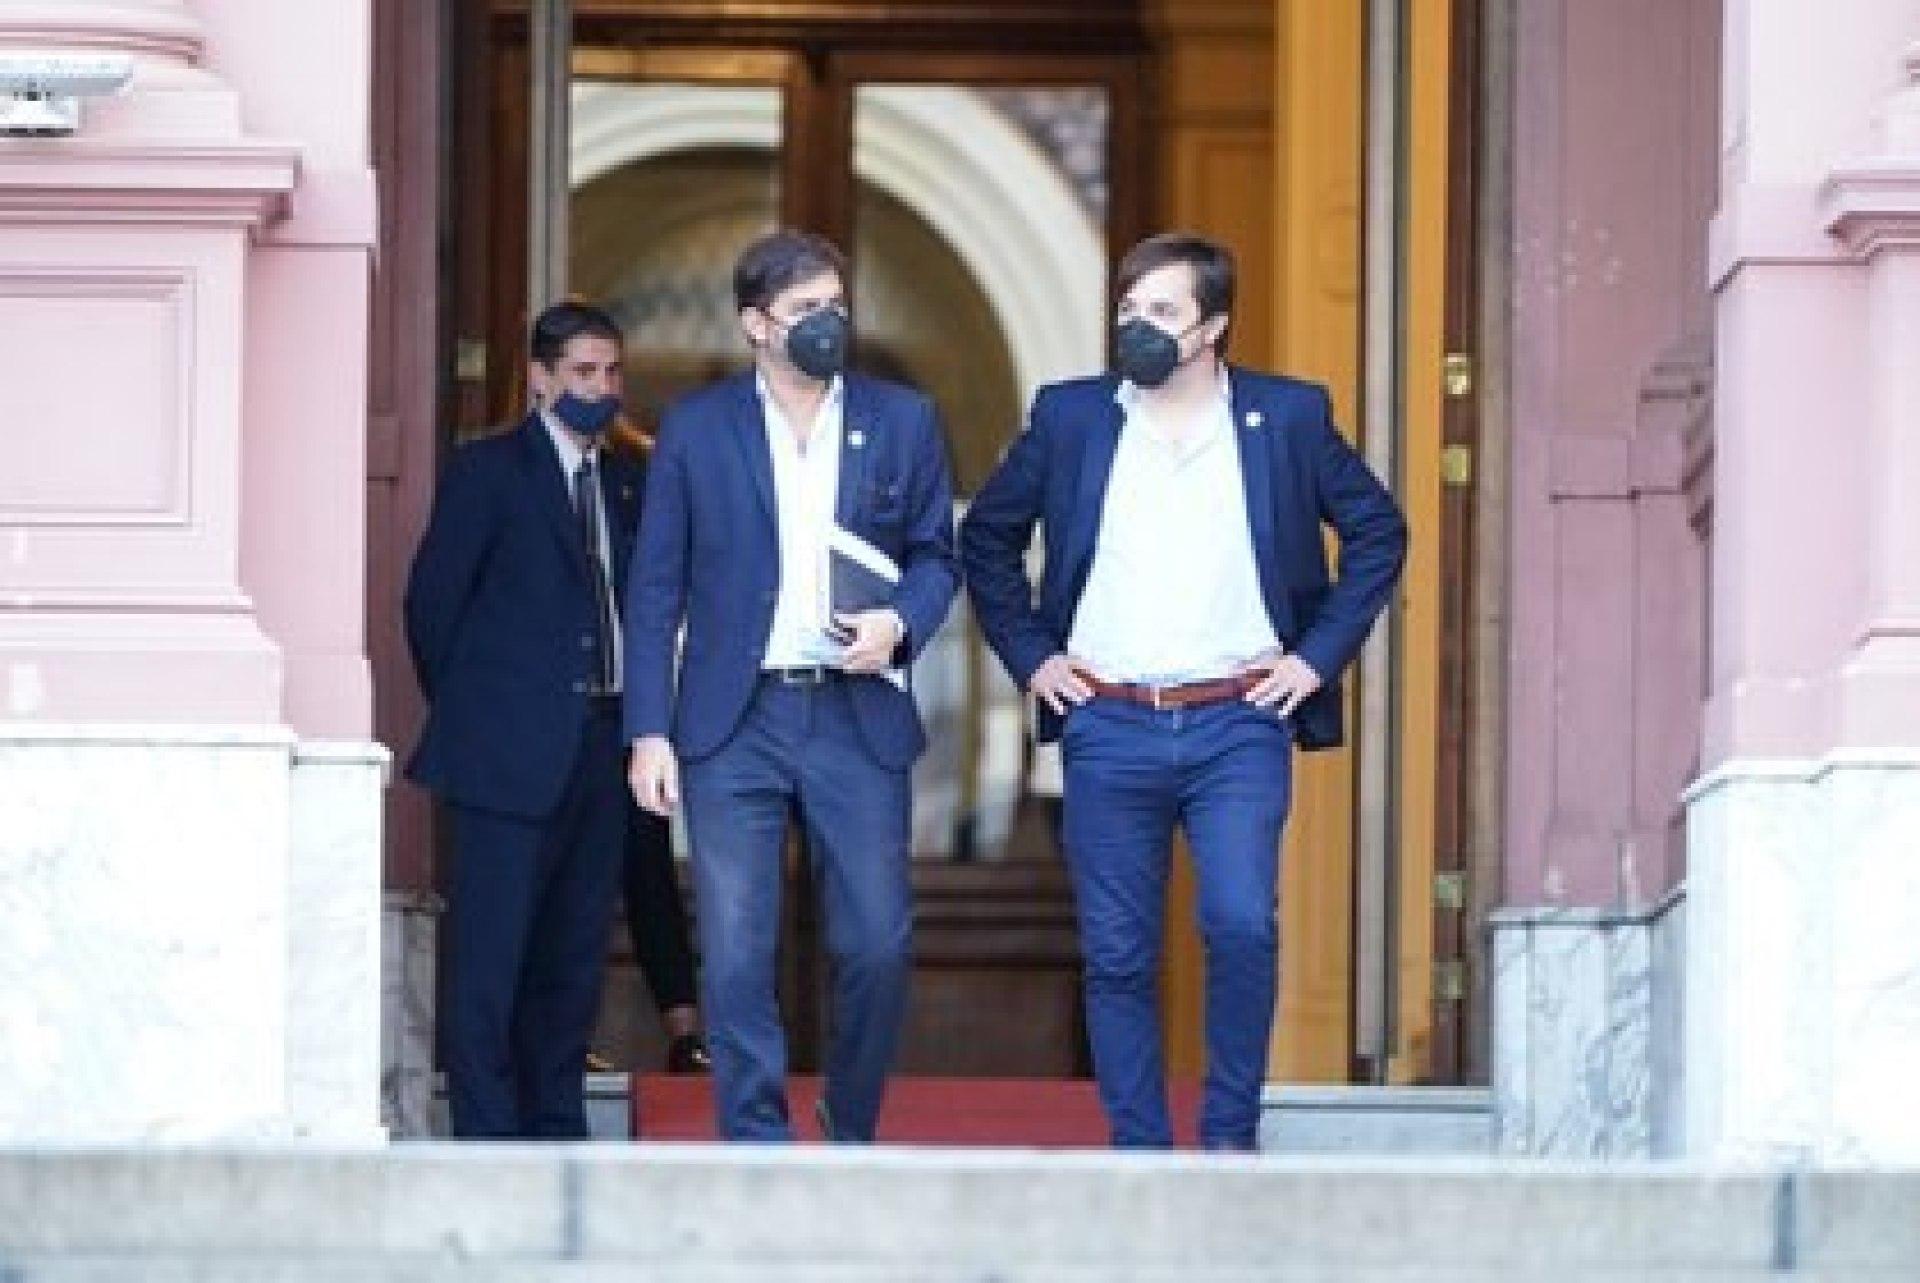 Los representantes del gobierno bonaerense en la negociación: Carlos Bianco y Nicolás Kreplak (Franco Fafasuli)